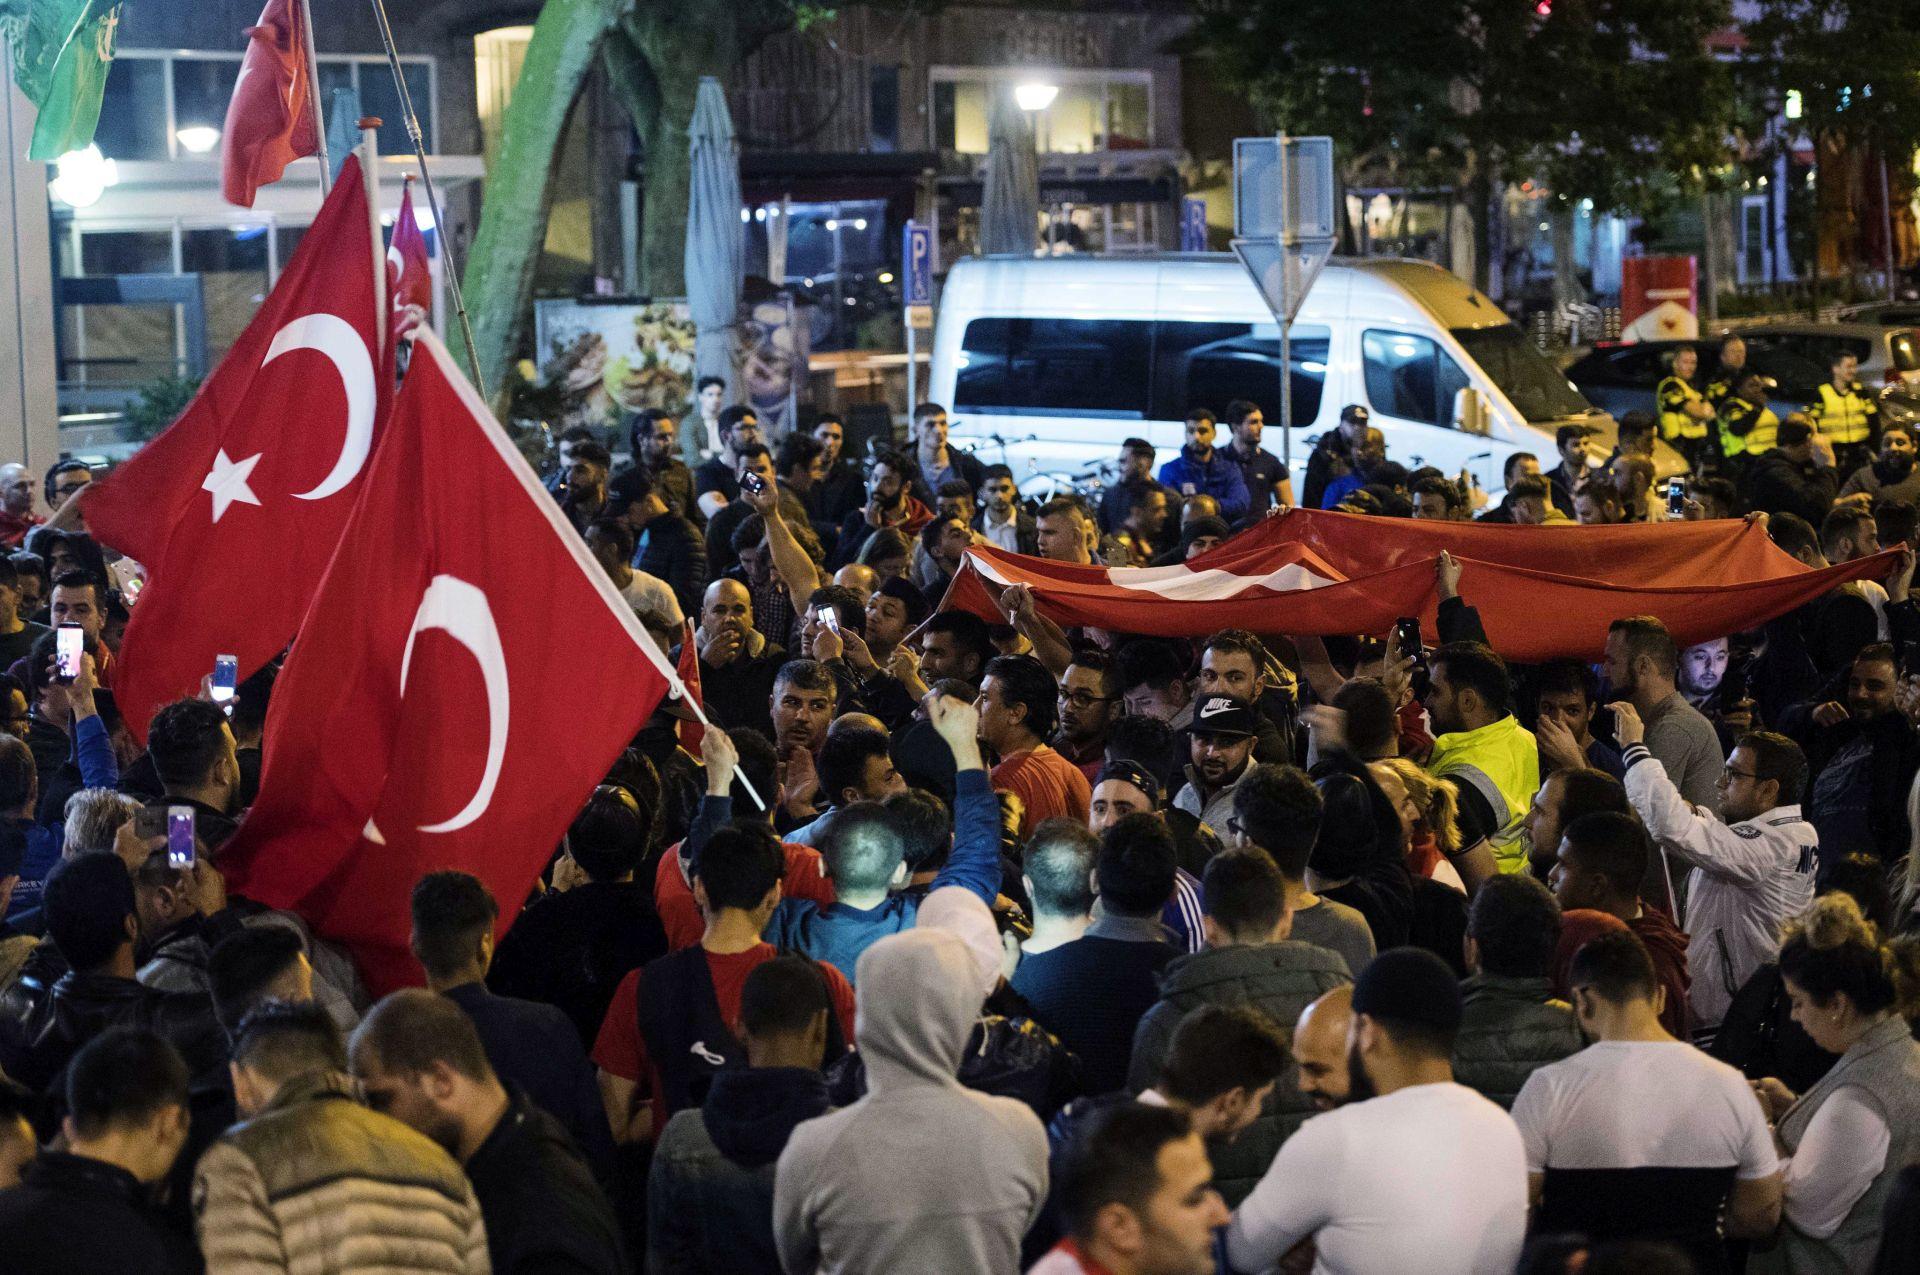 TURSKA: Merkel i Tusk podupiru izabranu vlast, potporu izrazili i Kina i Japan